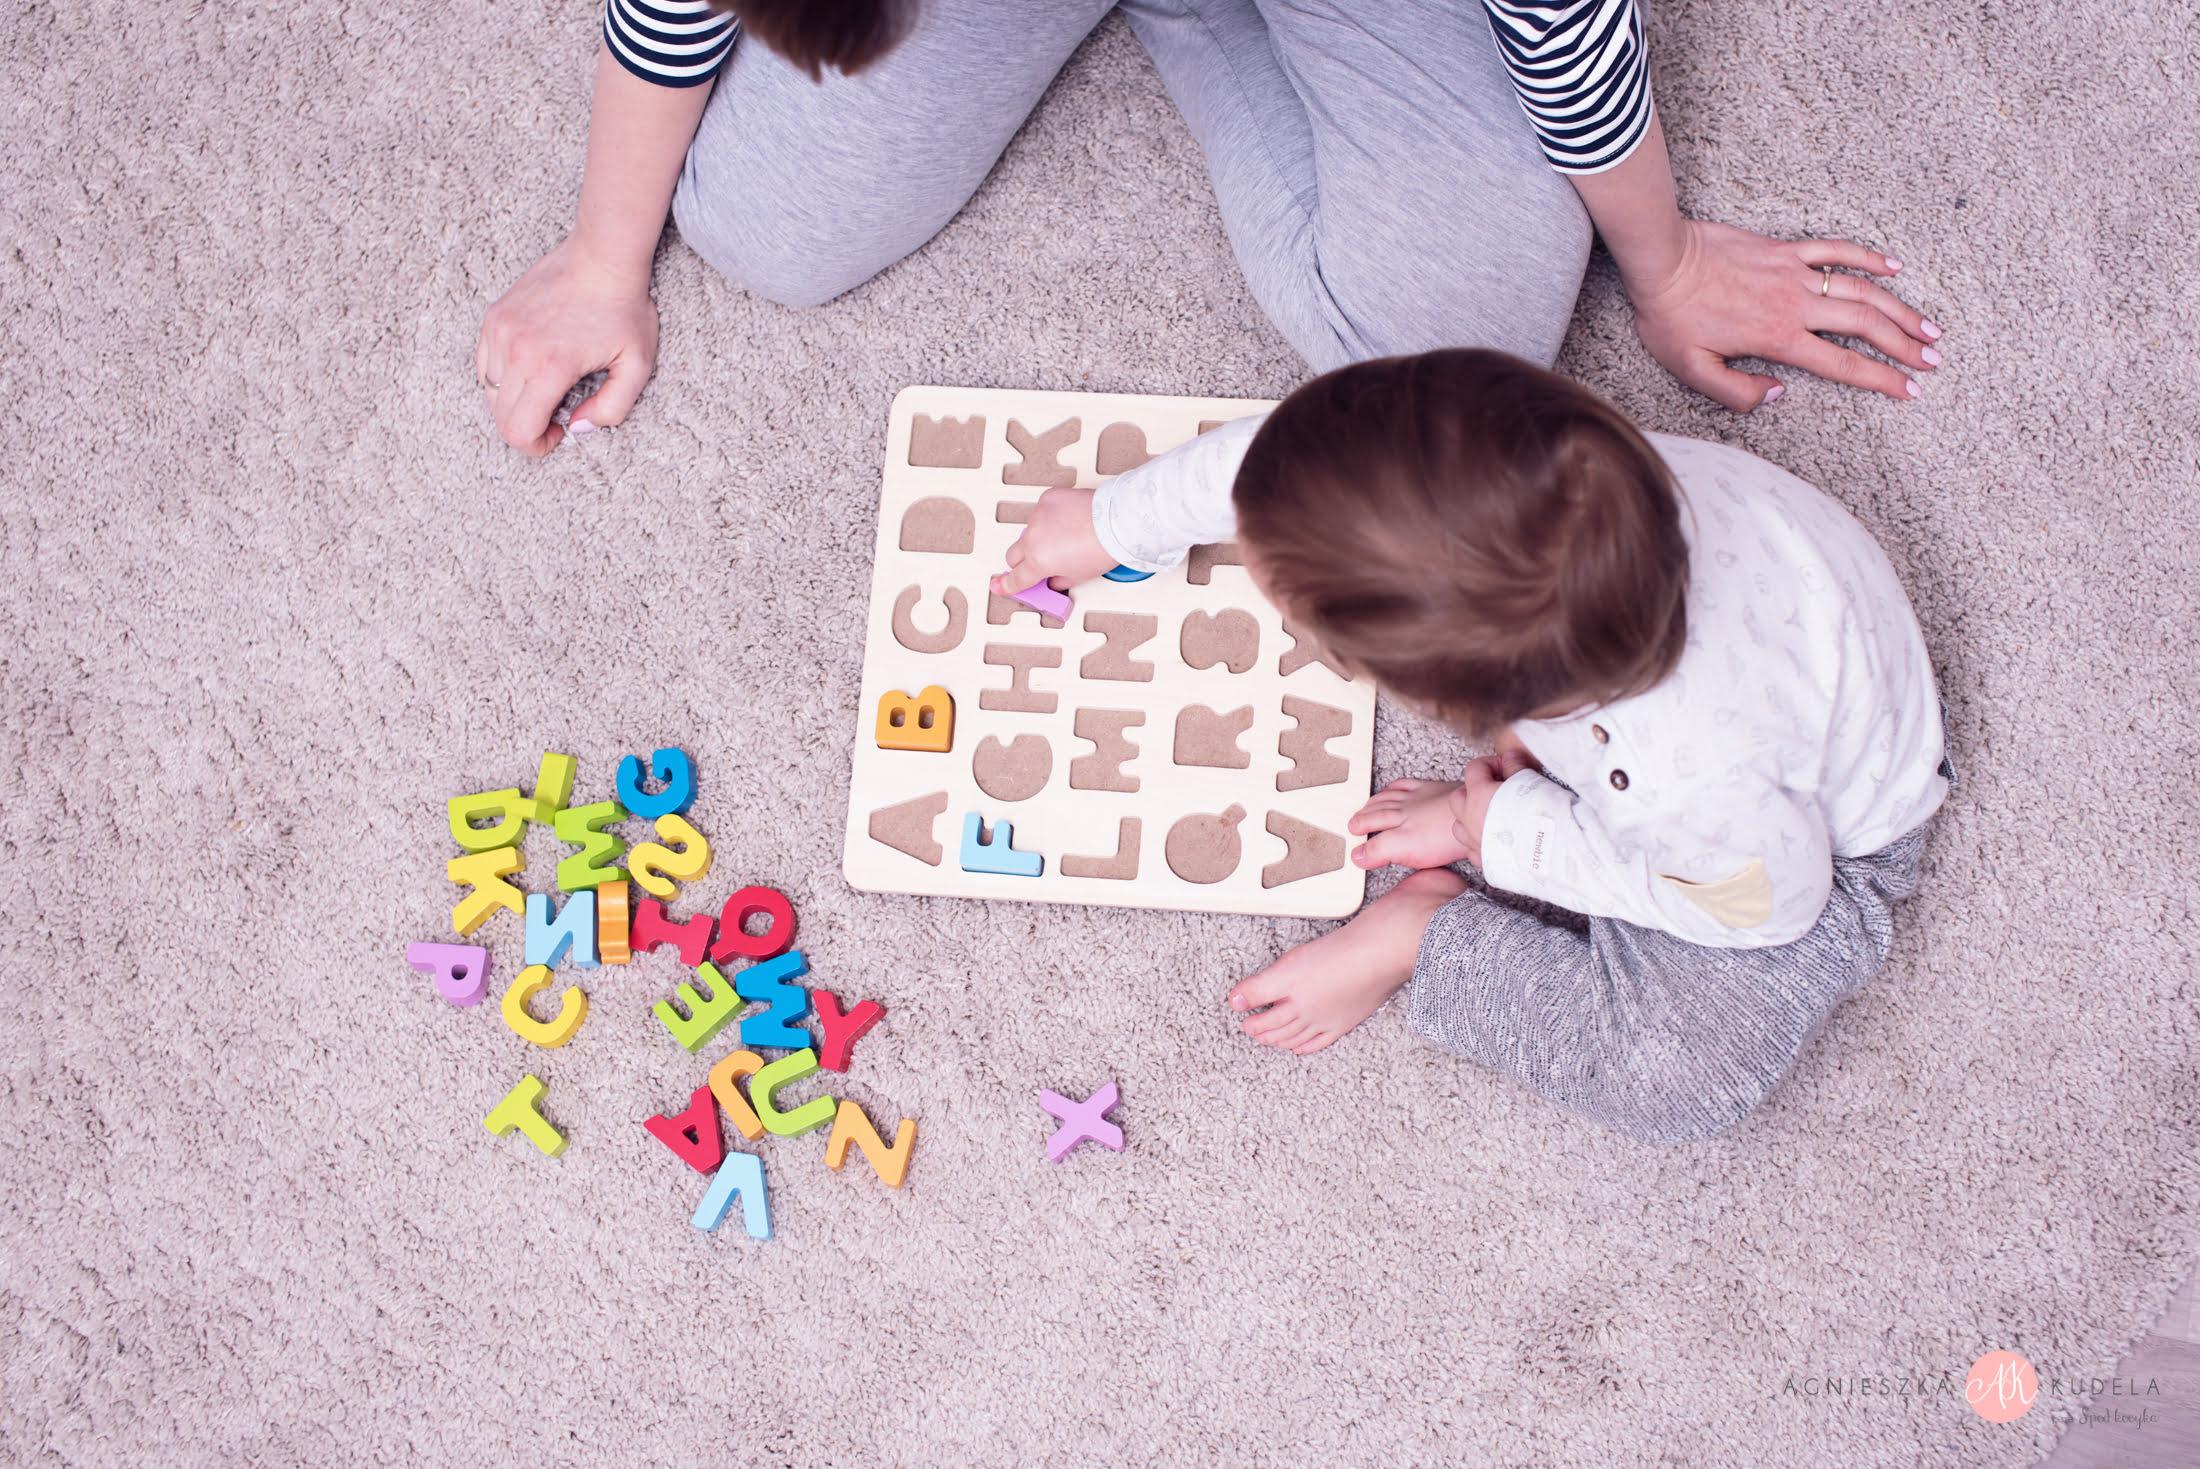 najlepsze zabawki dla dwulatka